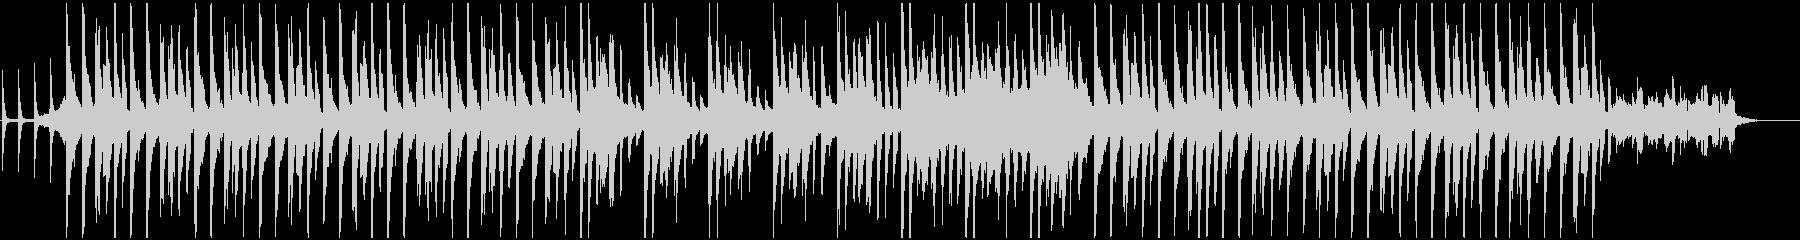 クリスマスをイメージしデジタル調BGMの未再生の波形